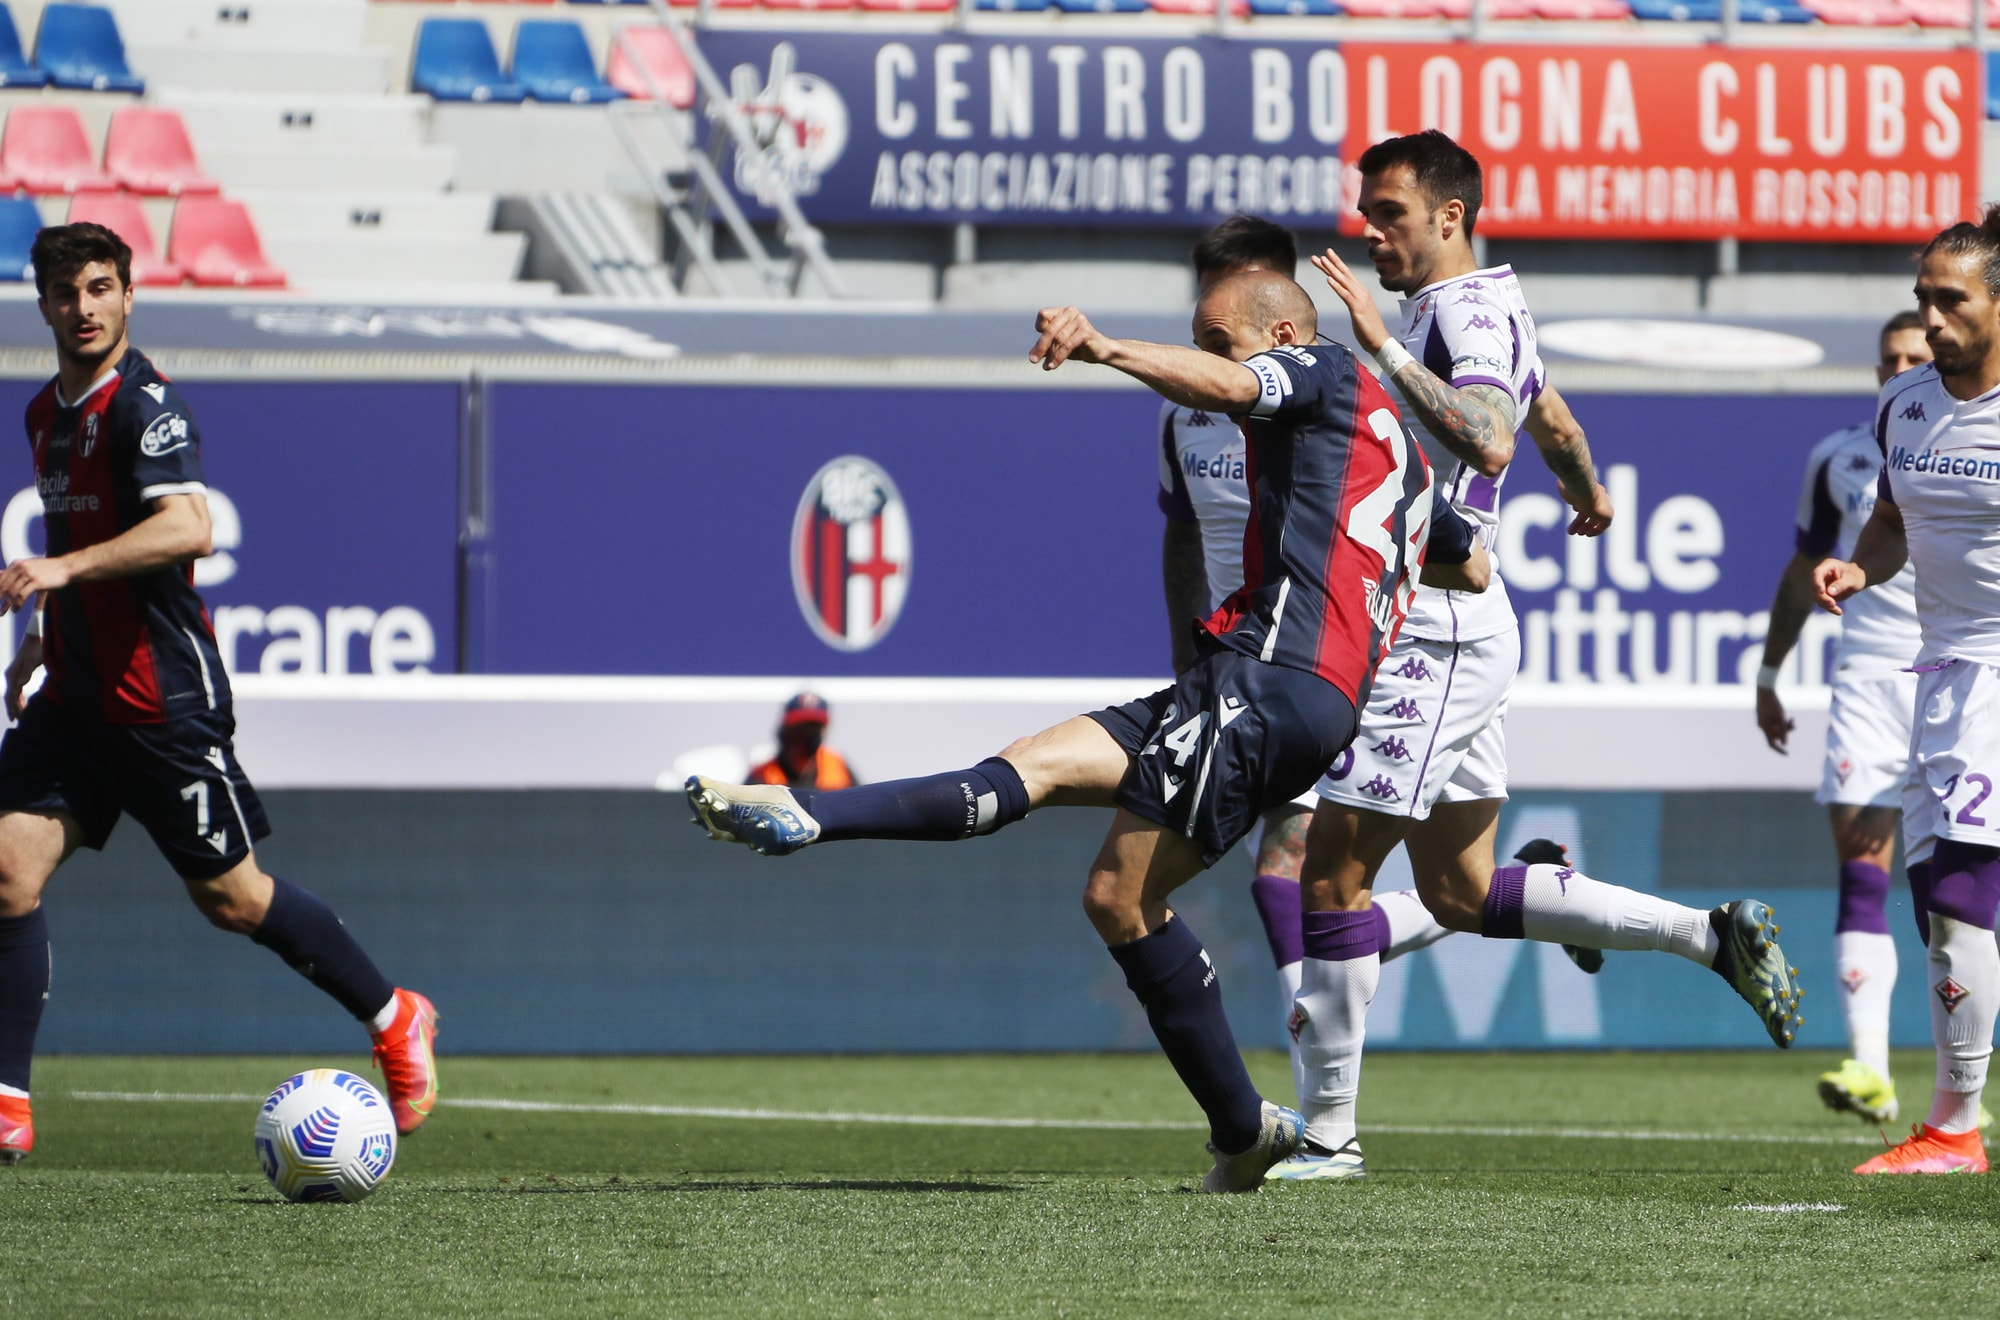 Show tra Fiorentina e Bologna, pari Atalanta: lo scudetto è dell'Inter